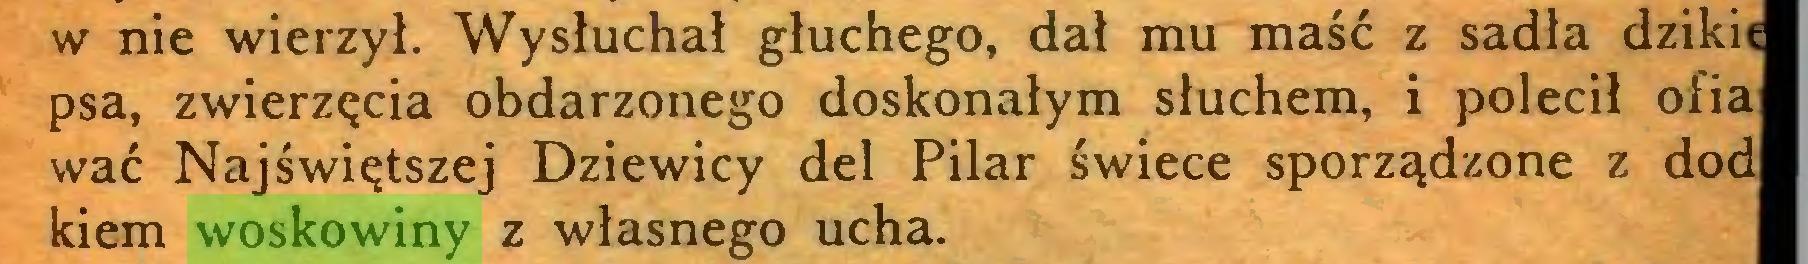 (...) w nie wierzył. Wysłuchał głuchego, dał mu maść z sadła dzikie psa, zwierzęcia obdarzonego doskonałym słuchem, i polecił ofia wać Najświętszej Dziewicy del Pilar świece sporządzone z dod kiem woskowiny z własnego ucha...